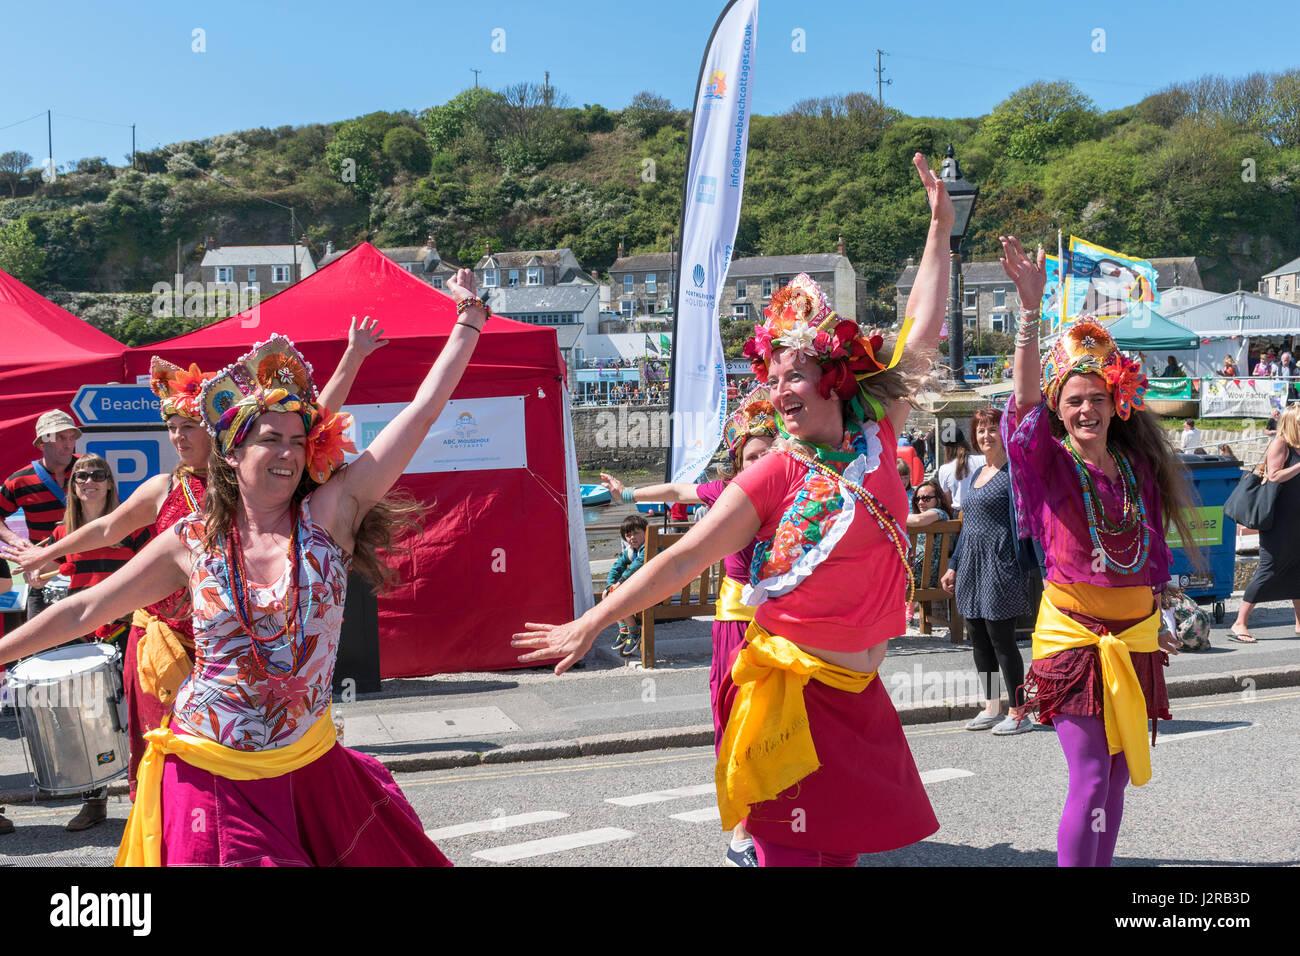 Grupo de danza de mujeres jóvenes en la comida y el festival de música en Porthleven, Cornwall, Inglaterra, Imagen De Stock